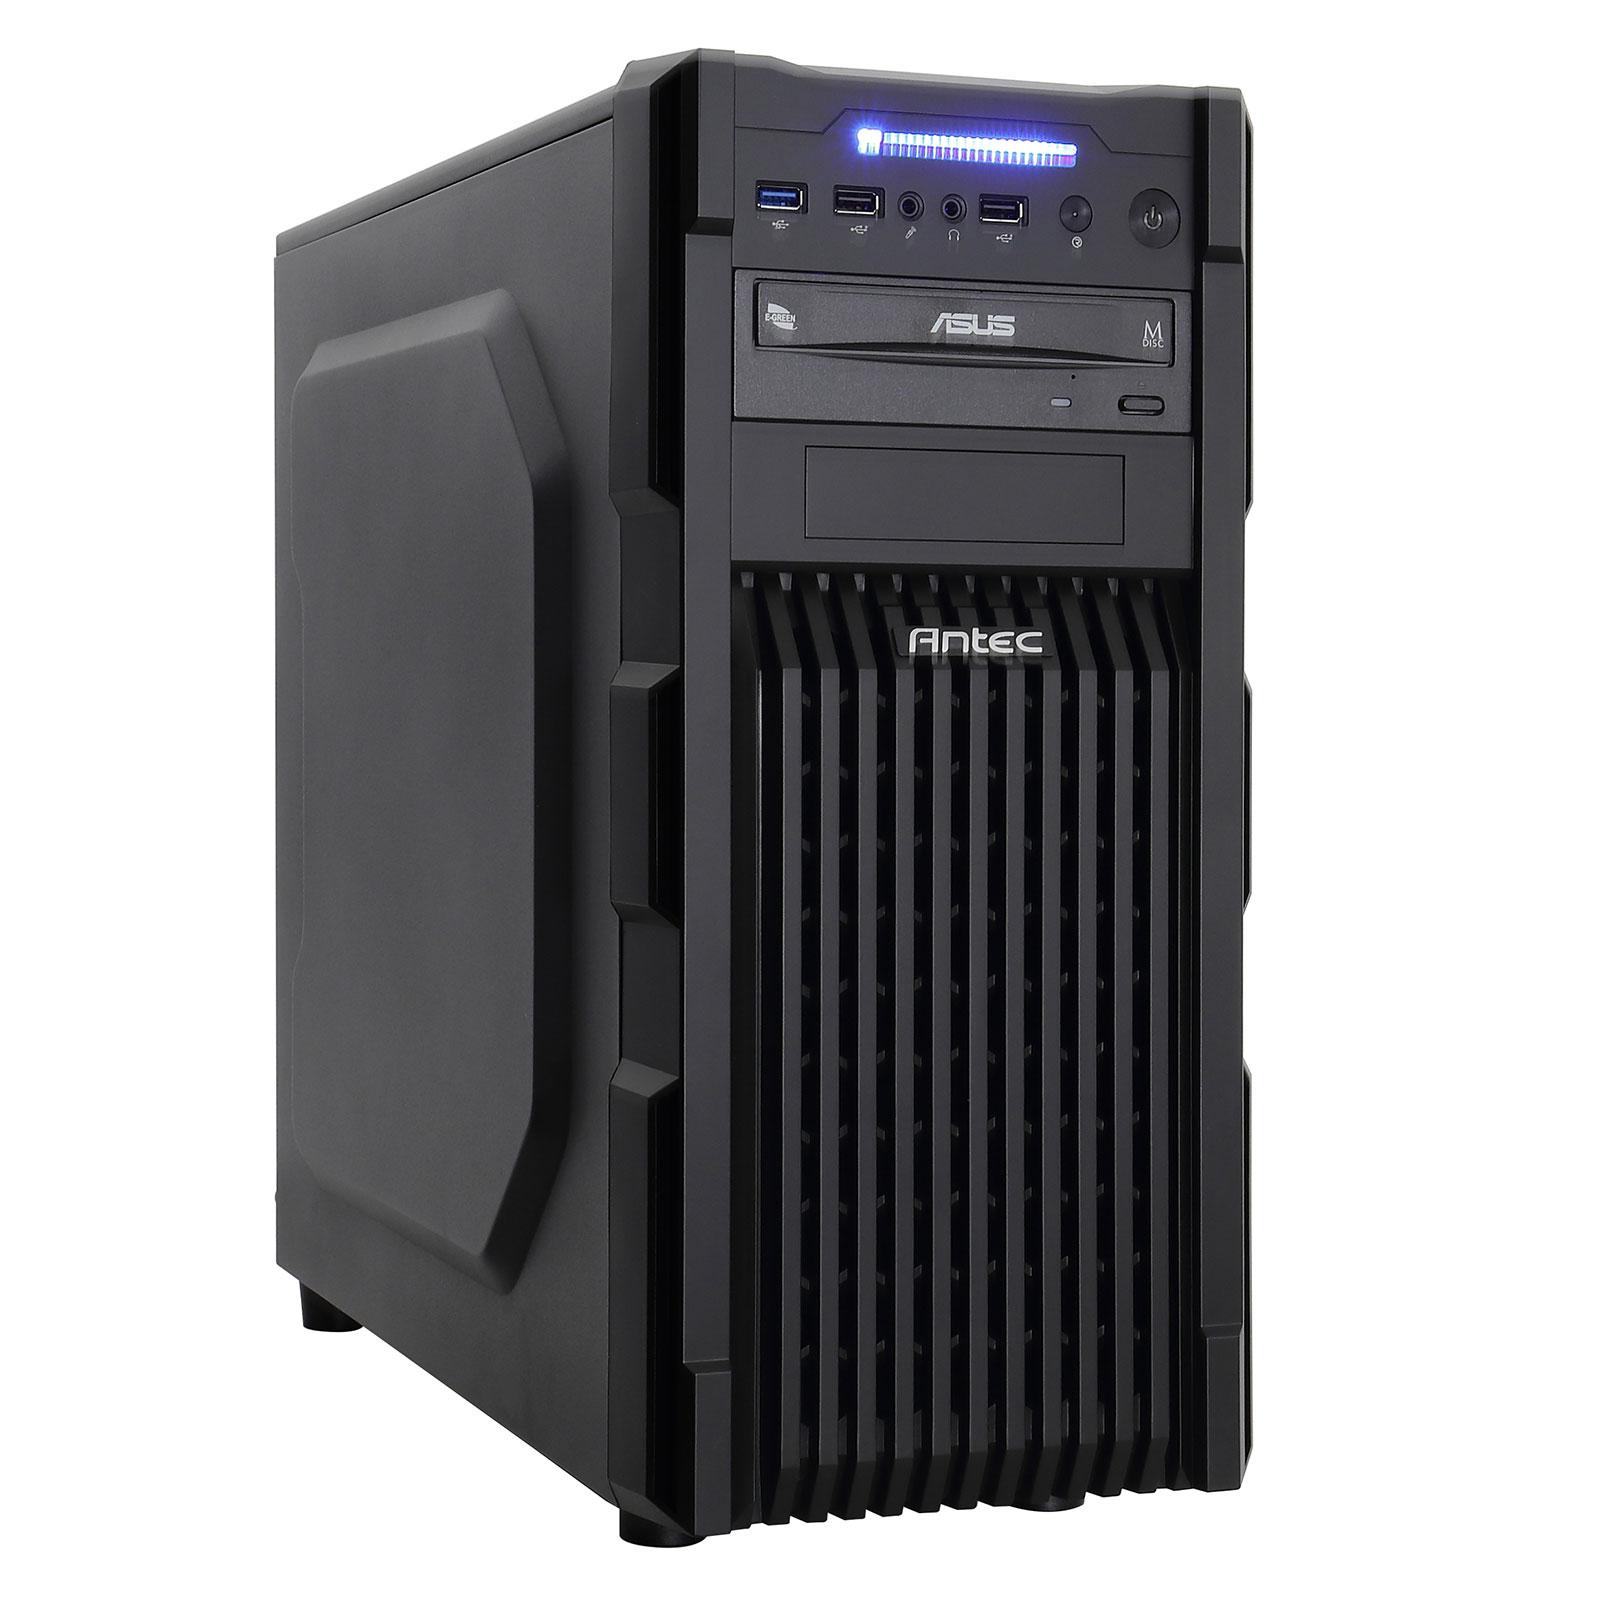 PC de bureau LDLC PC Fortress Intel Core i5-8400 8 Go SSHD 1 To NVIDIA GeForce GTX 1060 3 Go Graveur DVD Wi-Fi N (sans OS - non monté)